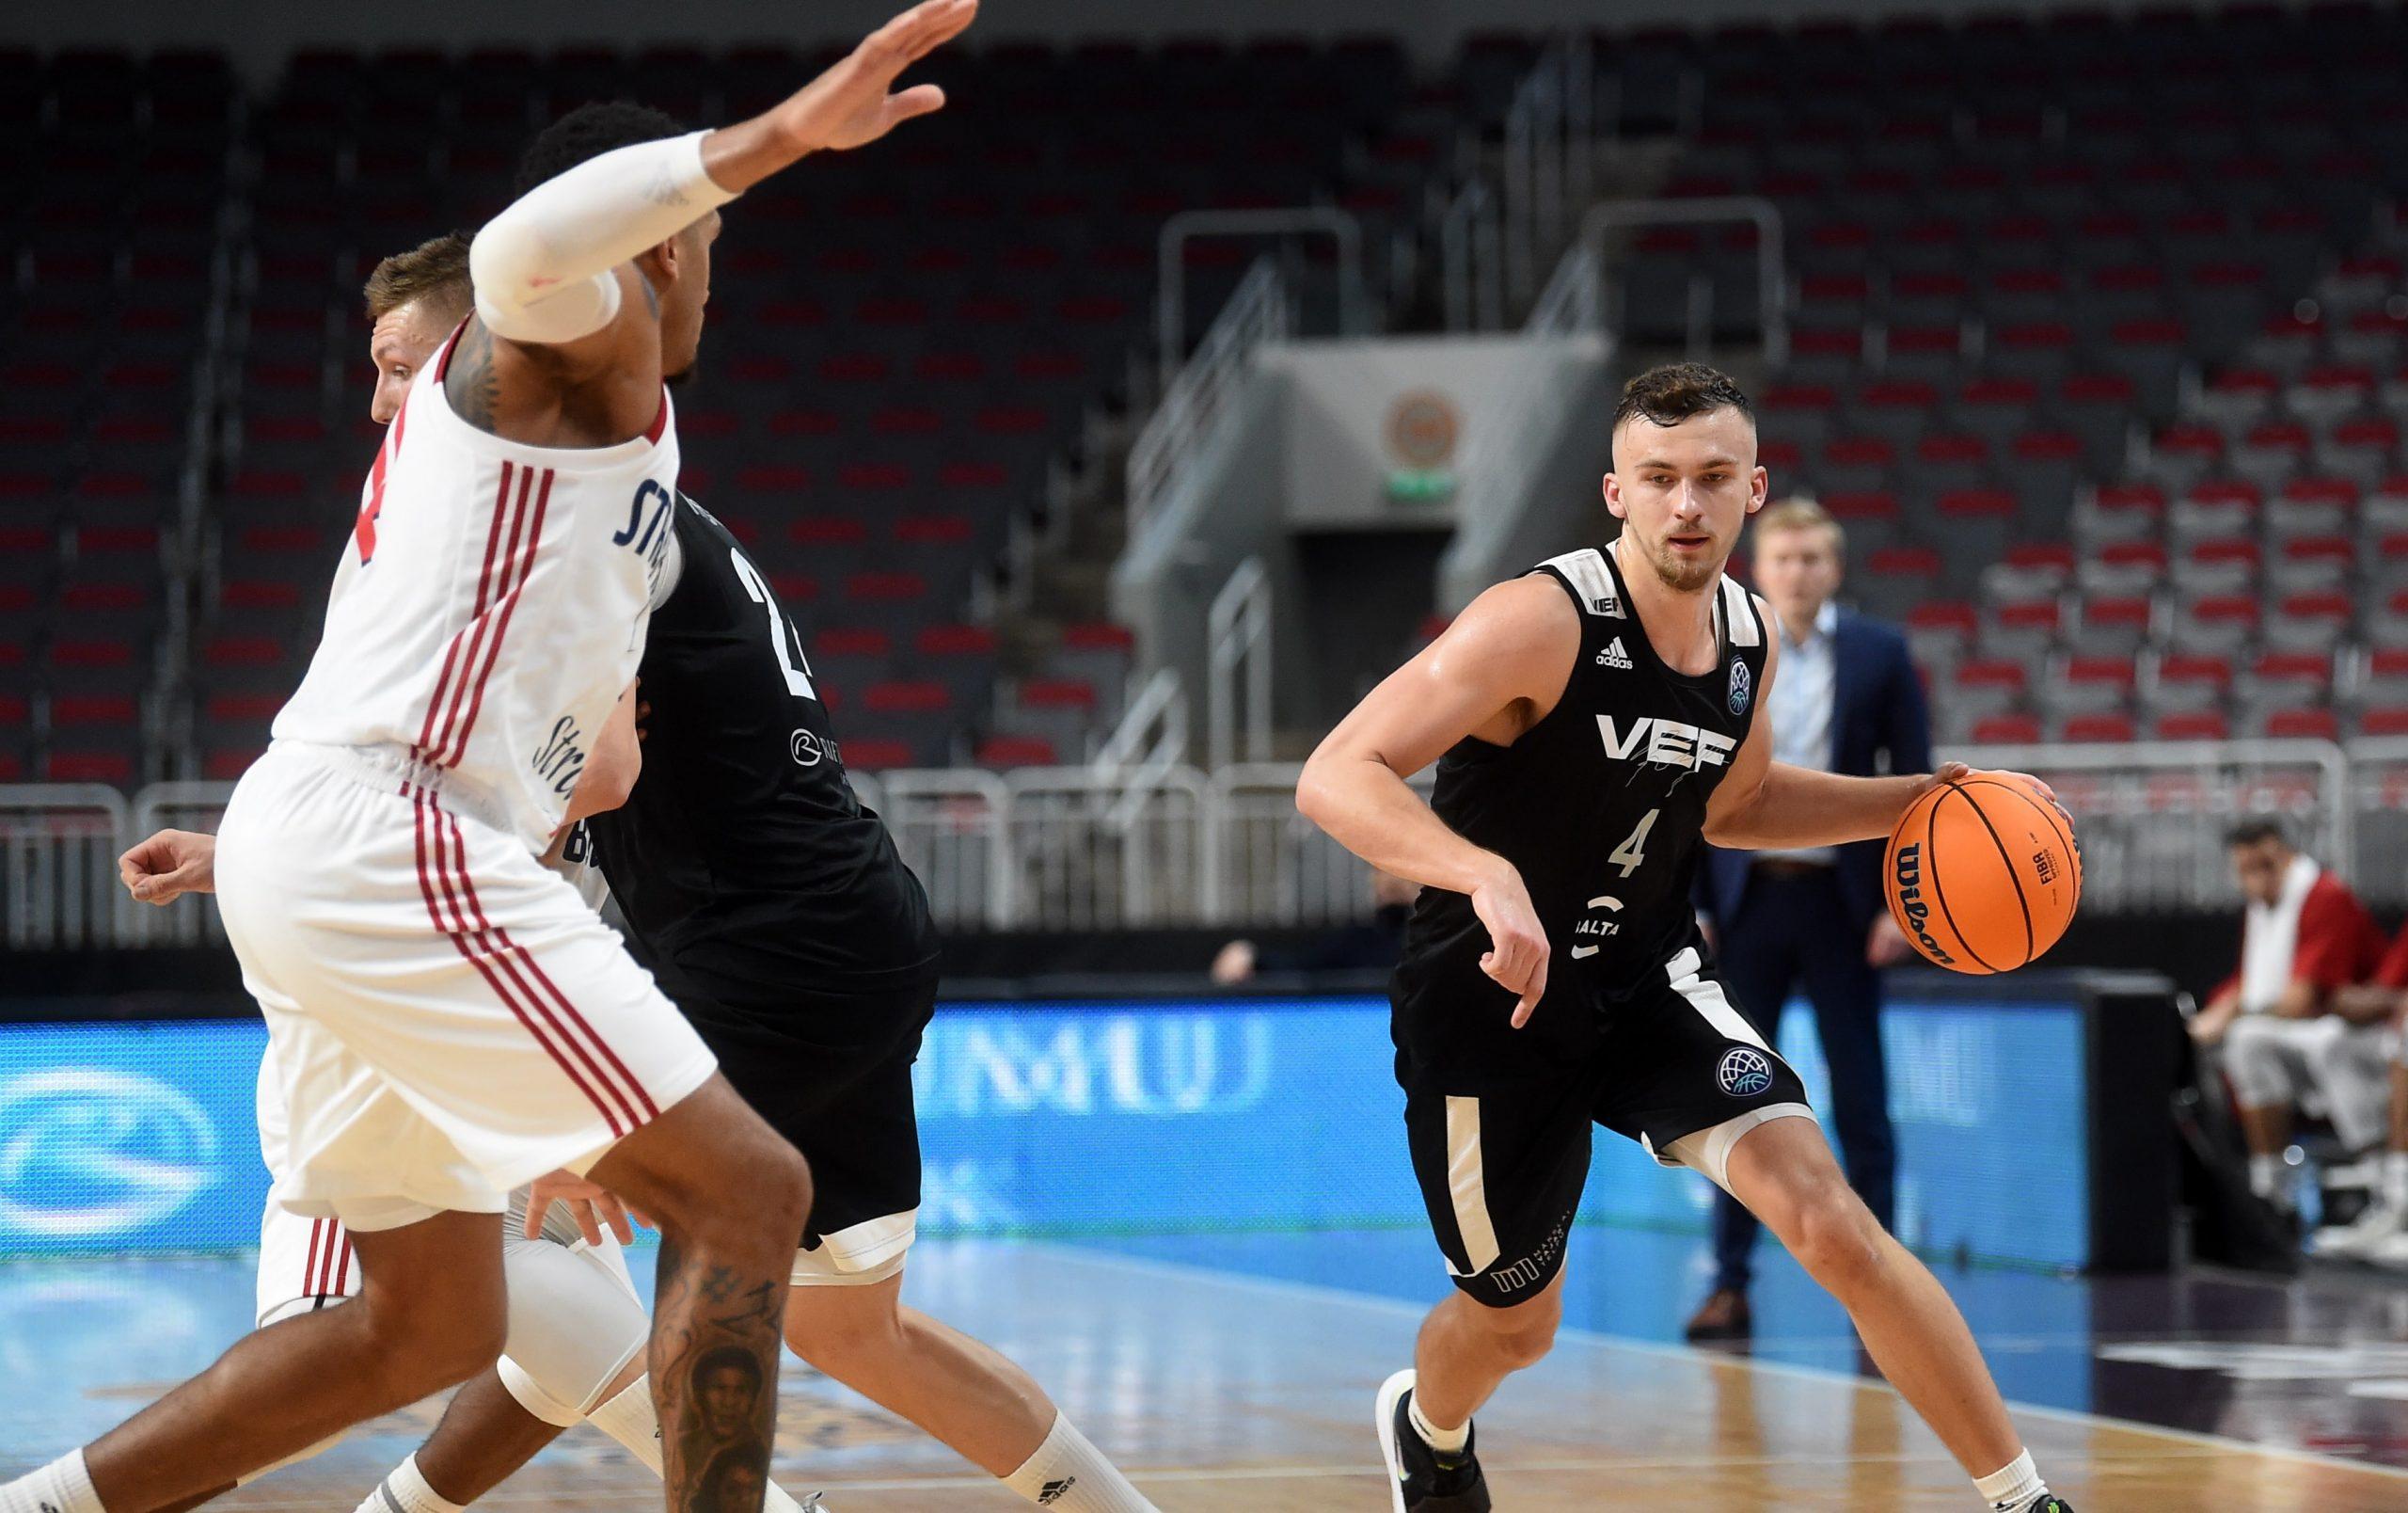 VEF triumfē turnīrā Lietuvā, volejbola izlase iekļūst astotdaļfinālā – aizvadītās dienas aktualitātes